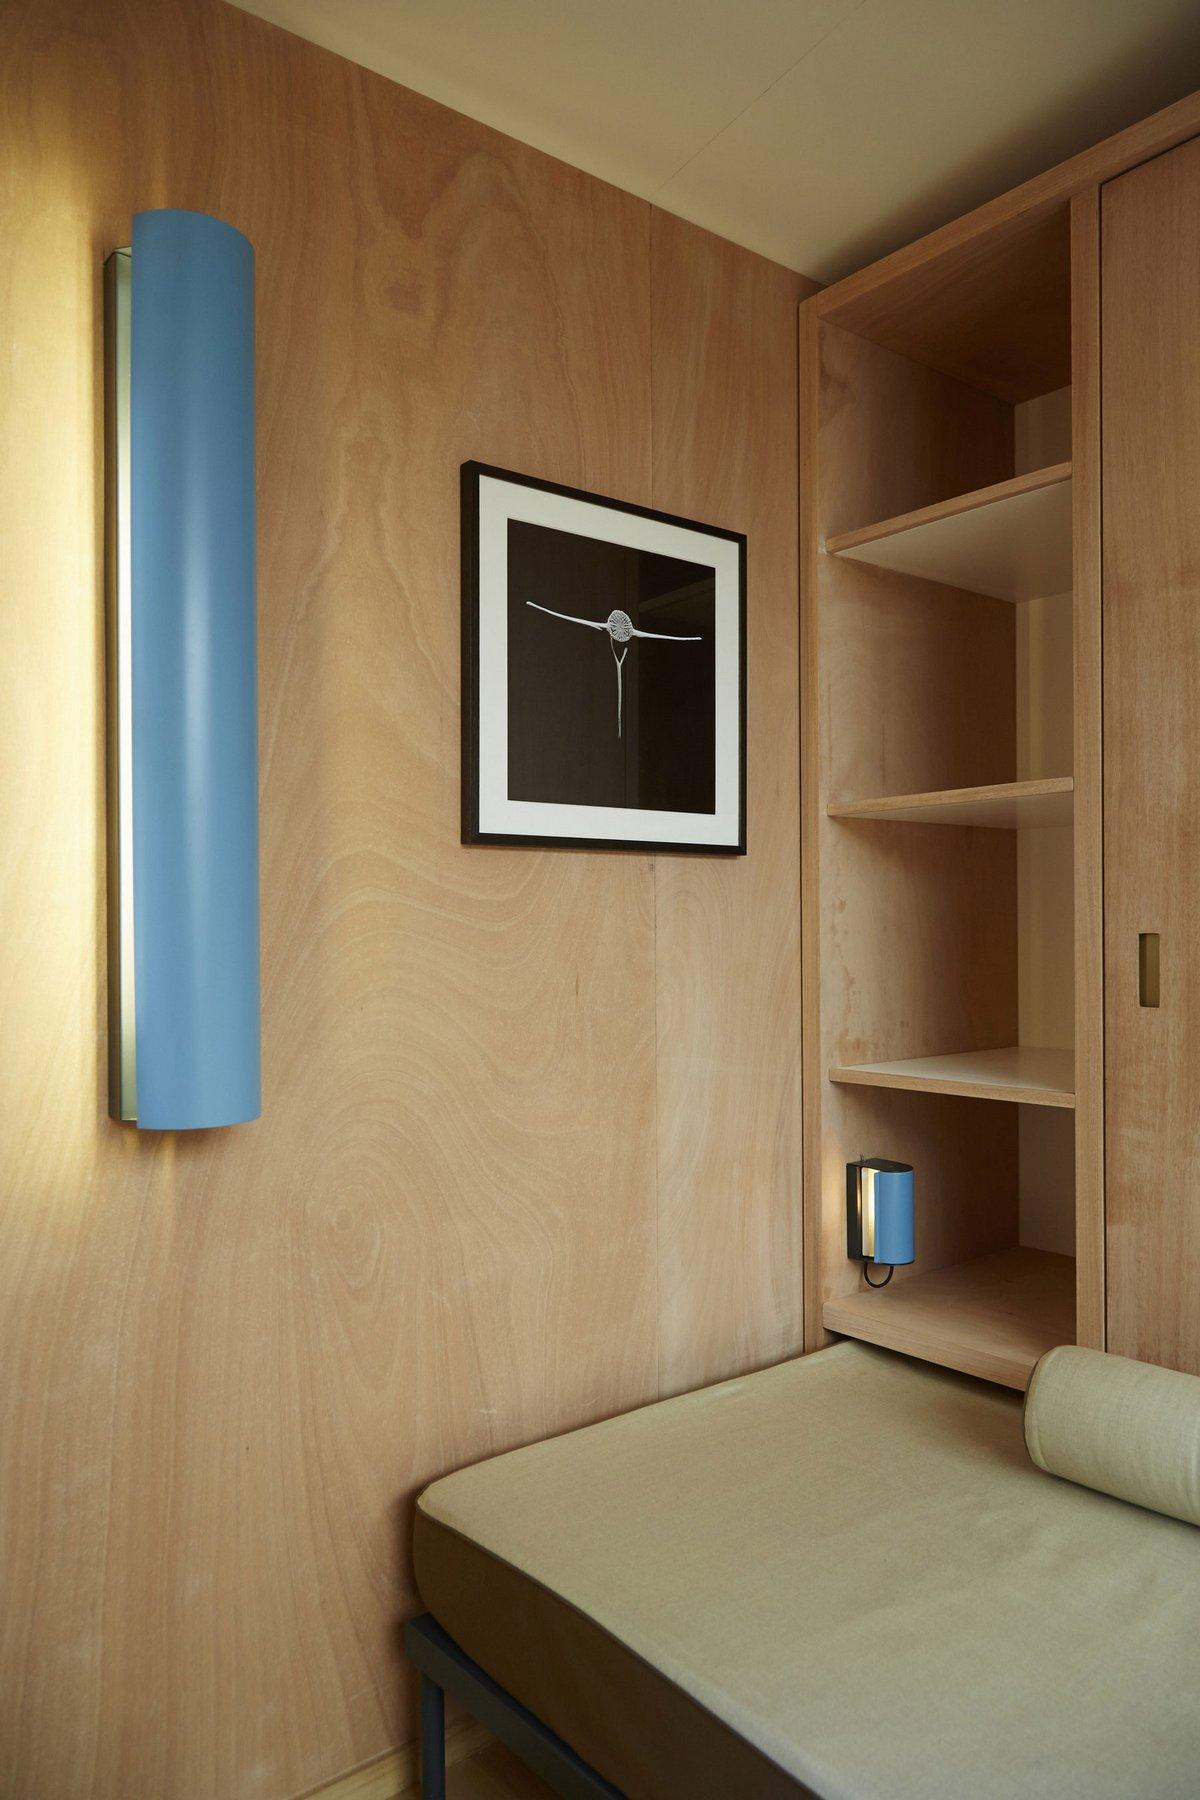 Шарлотта Перьен, Charlotte Perriand, дом от Louis Vuitton, пляжный домик фото, дом на песке, частные дома в Майами, маленький дом на берегу моря